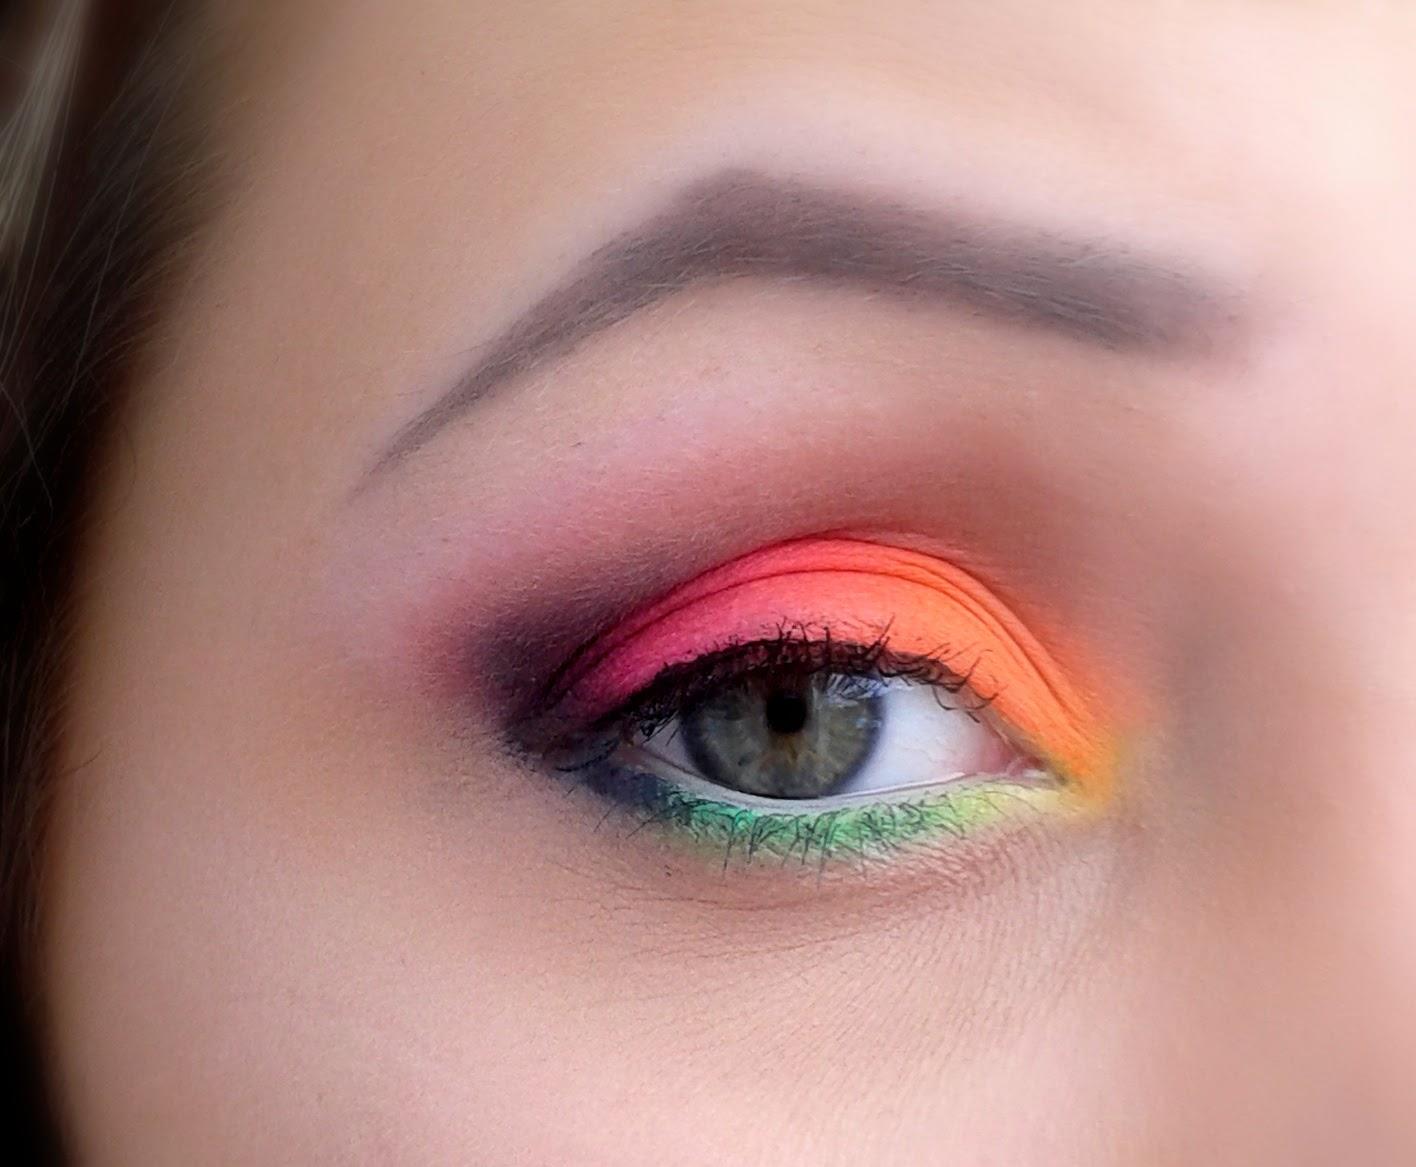 Szalony dzienniak, czyli neonowy makijaż ze Sleek Acid! :)